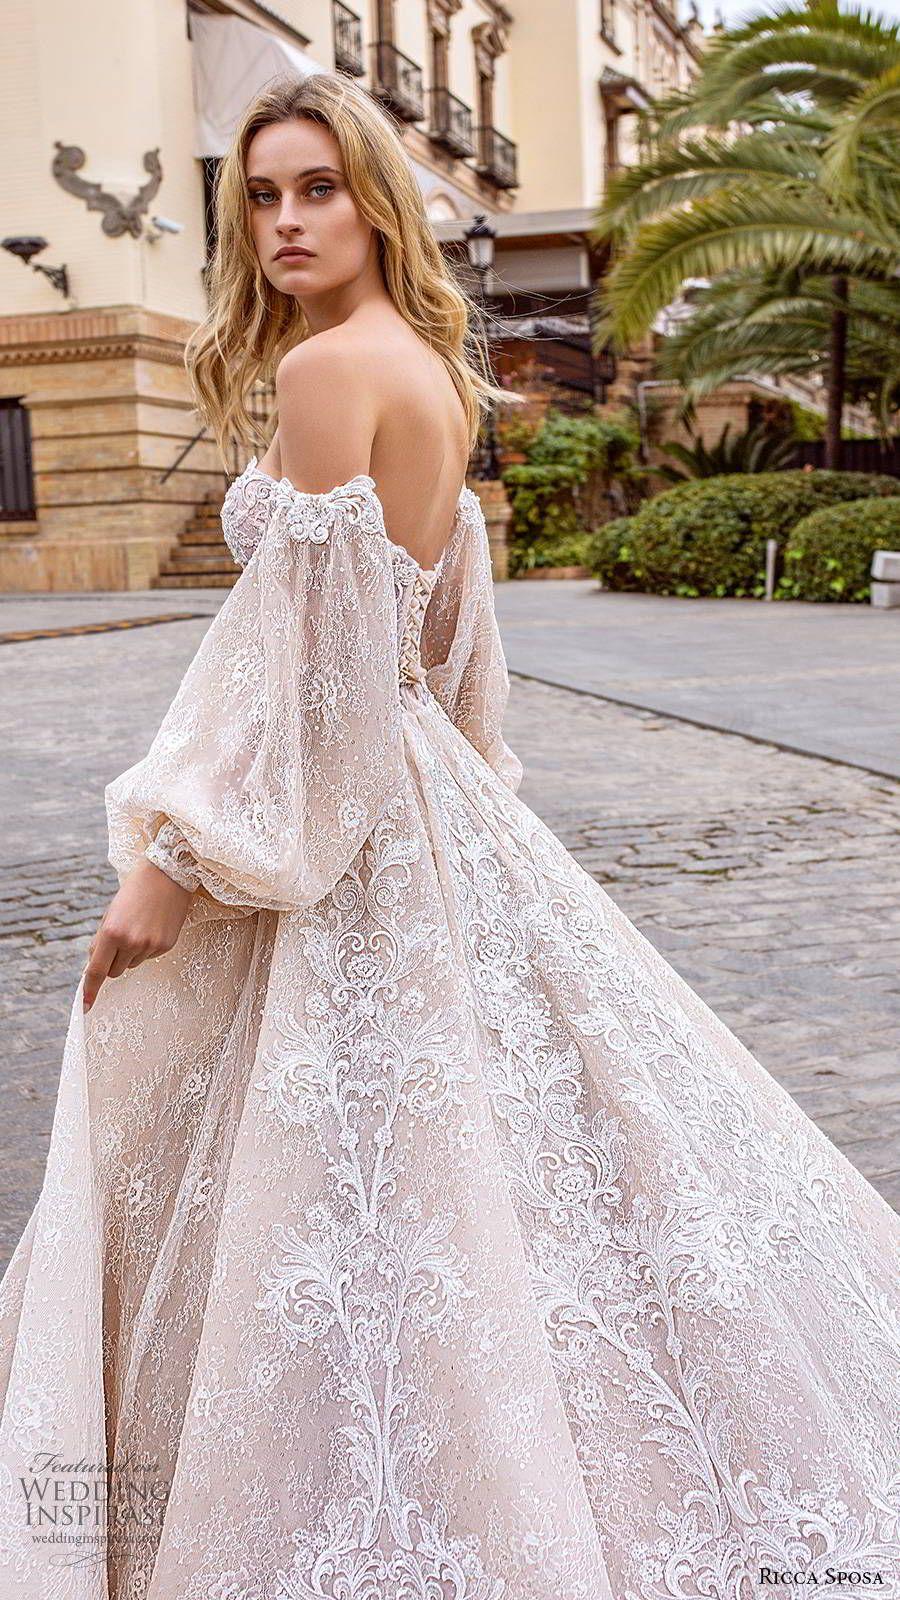 Ricca Sposa 2020 Wedding Dresses — Dell'amor Couture Bridal Collection   Wedding Inspirasi – Wedding dresses-(gelinlikler)